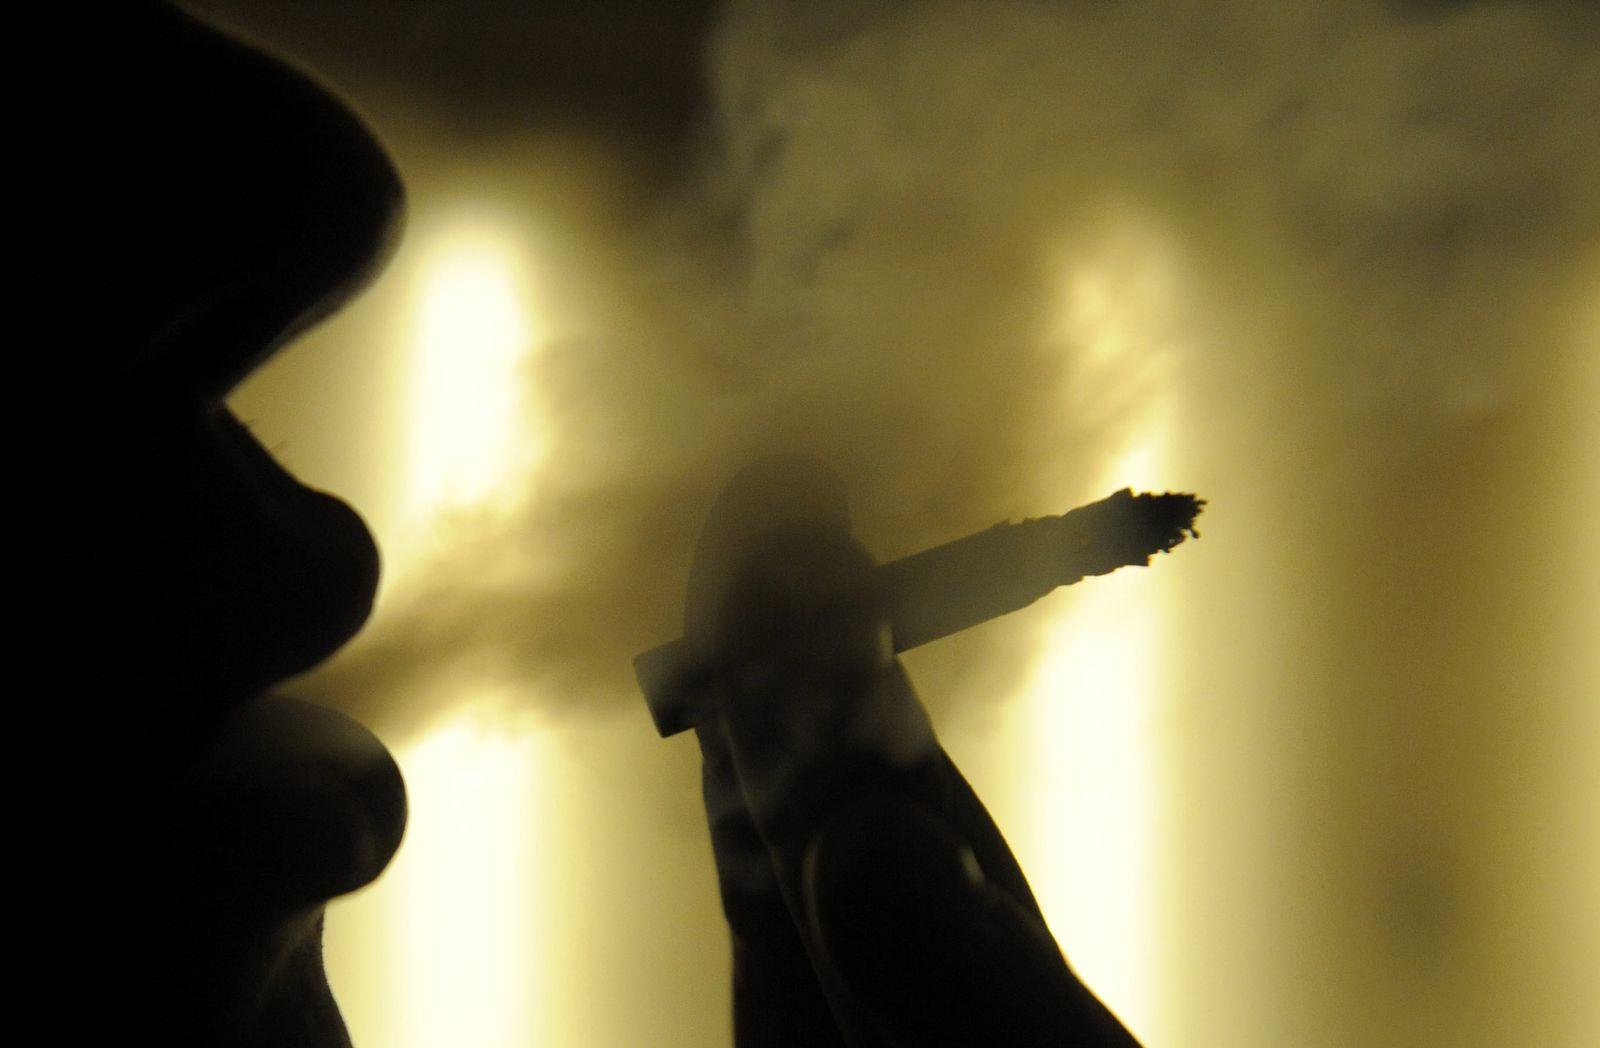 NICHT VERWENDEN SYMBOLBILD Rauchen